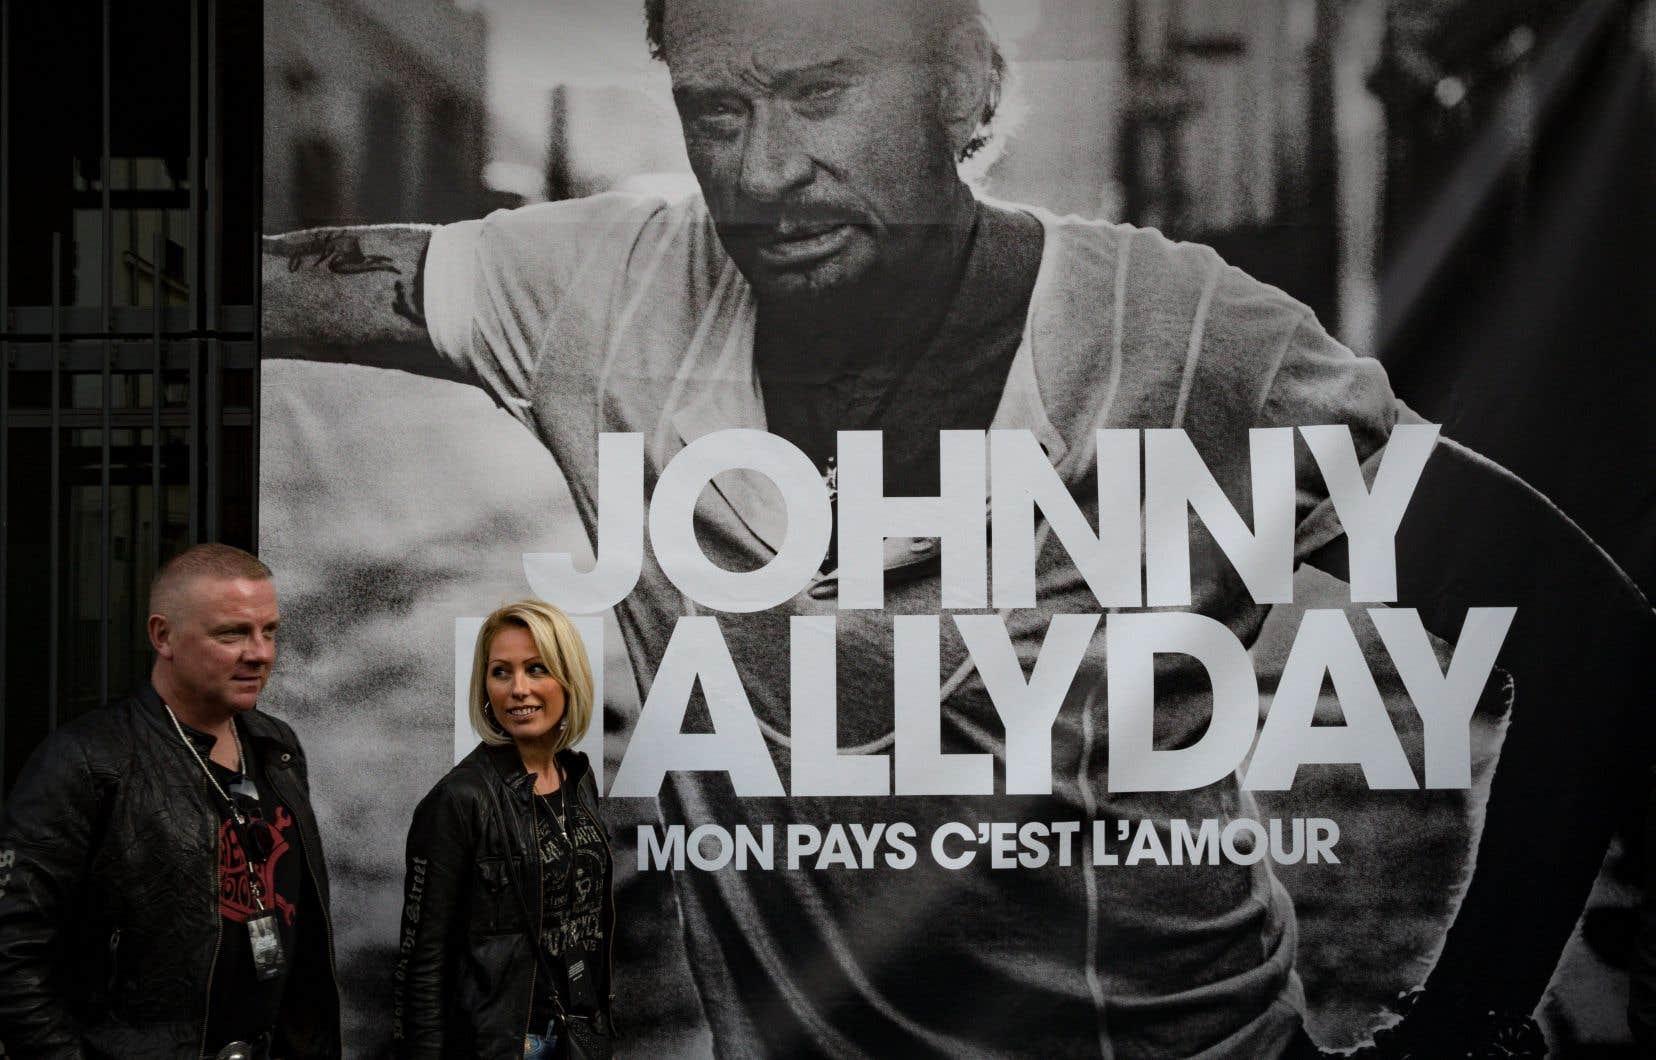 <em>Mon pays c'est l'amour</em>, l'album posthume de Johnny Hallyday, s'est vendu à 631 473 exemplaires physiques (CD et vinyles) en France depuis sa sortie vendredi.